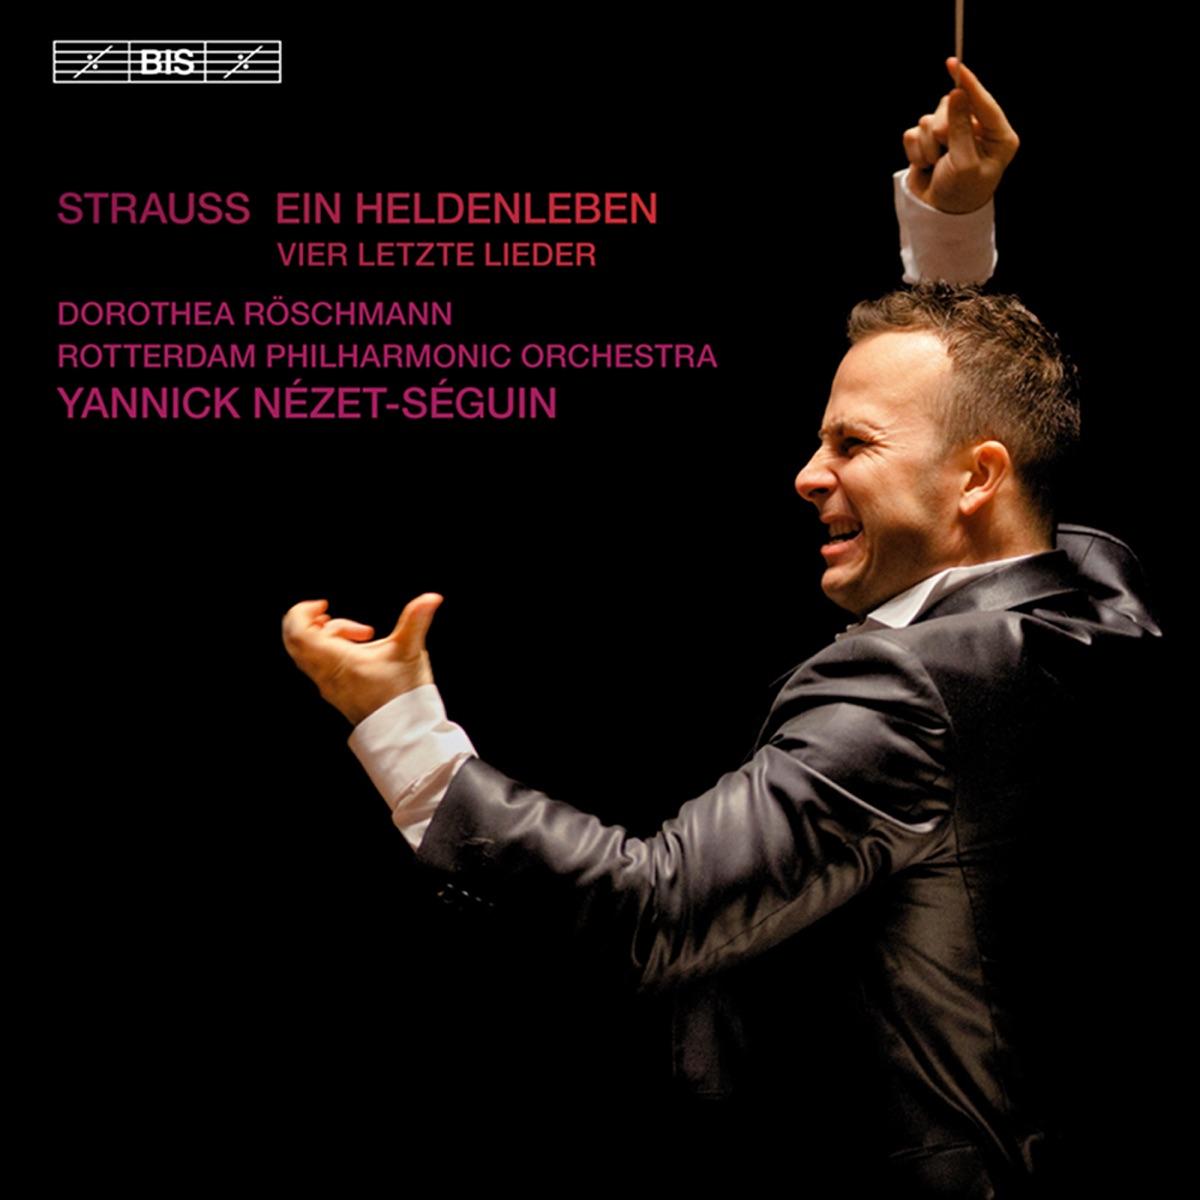 Strauss Ein Heldenleben - 4 letzte Lieder Igor Gruppman Yannick Nézet-Séguin Rotterdam Philharmonic Orchestra  Dorothea Roschmann CD cover